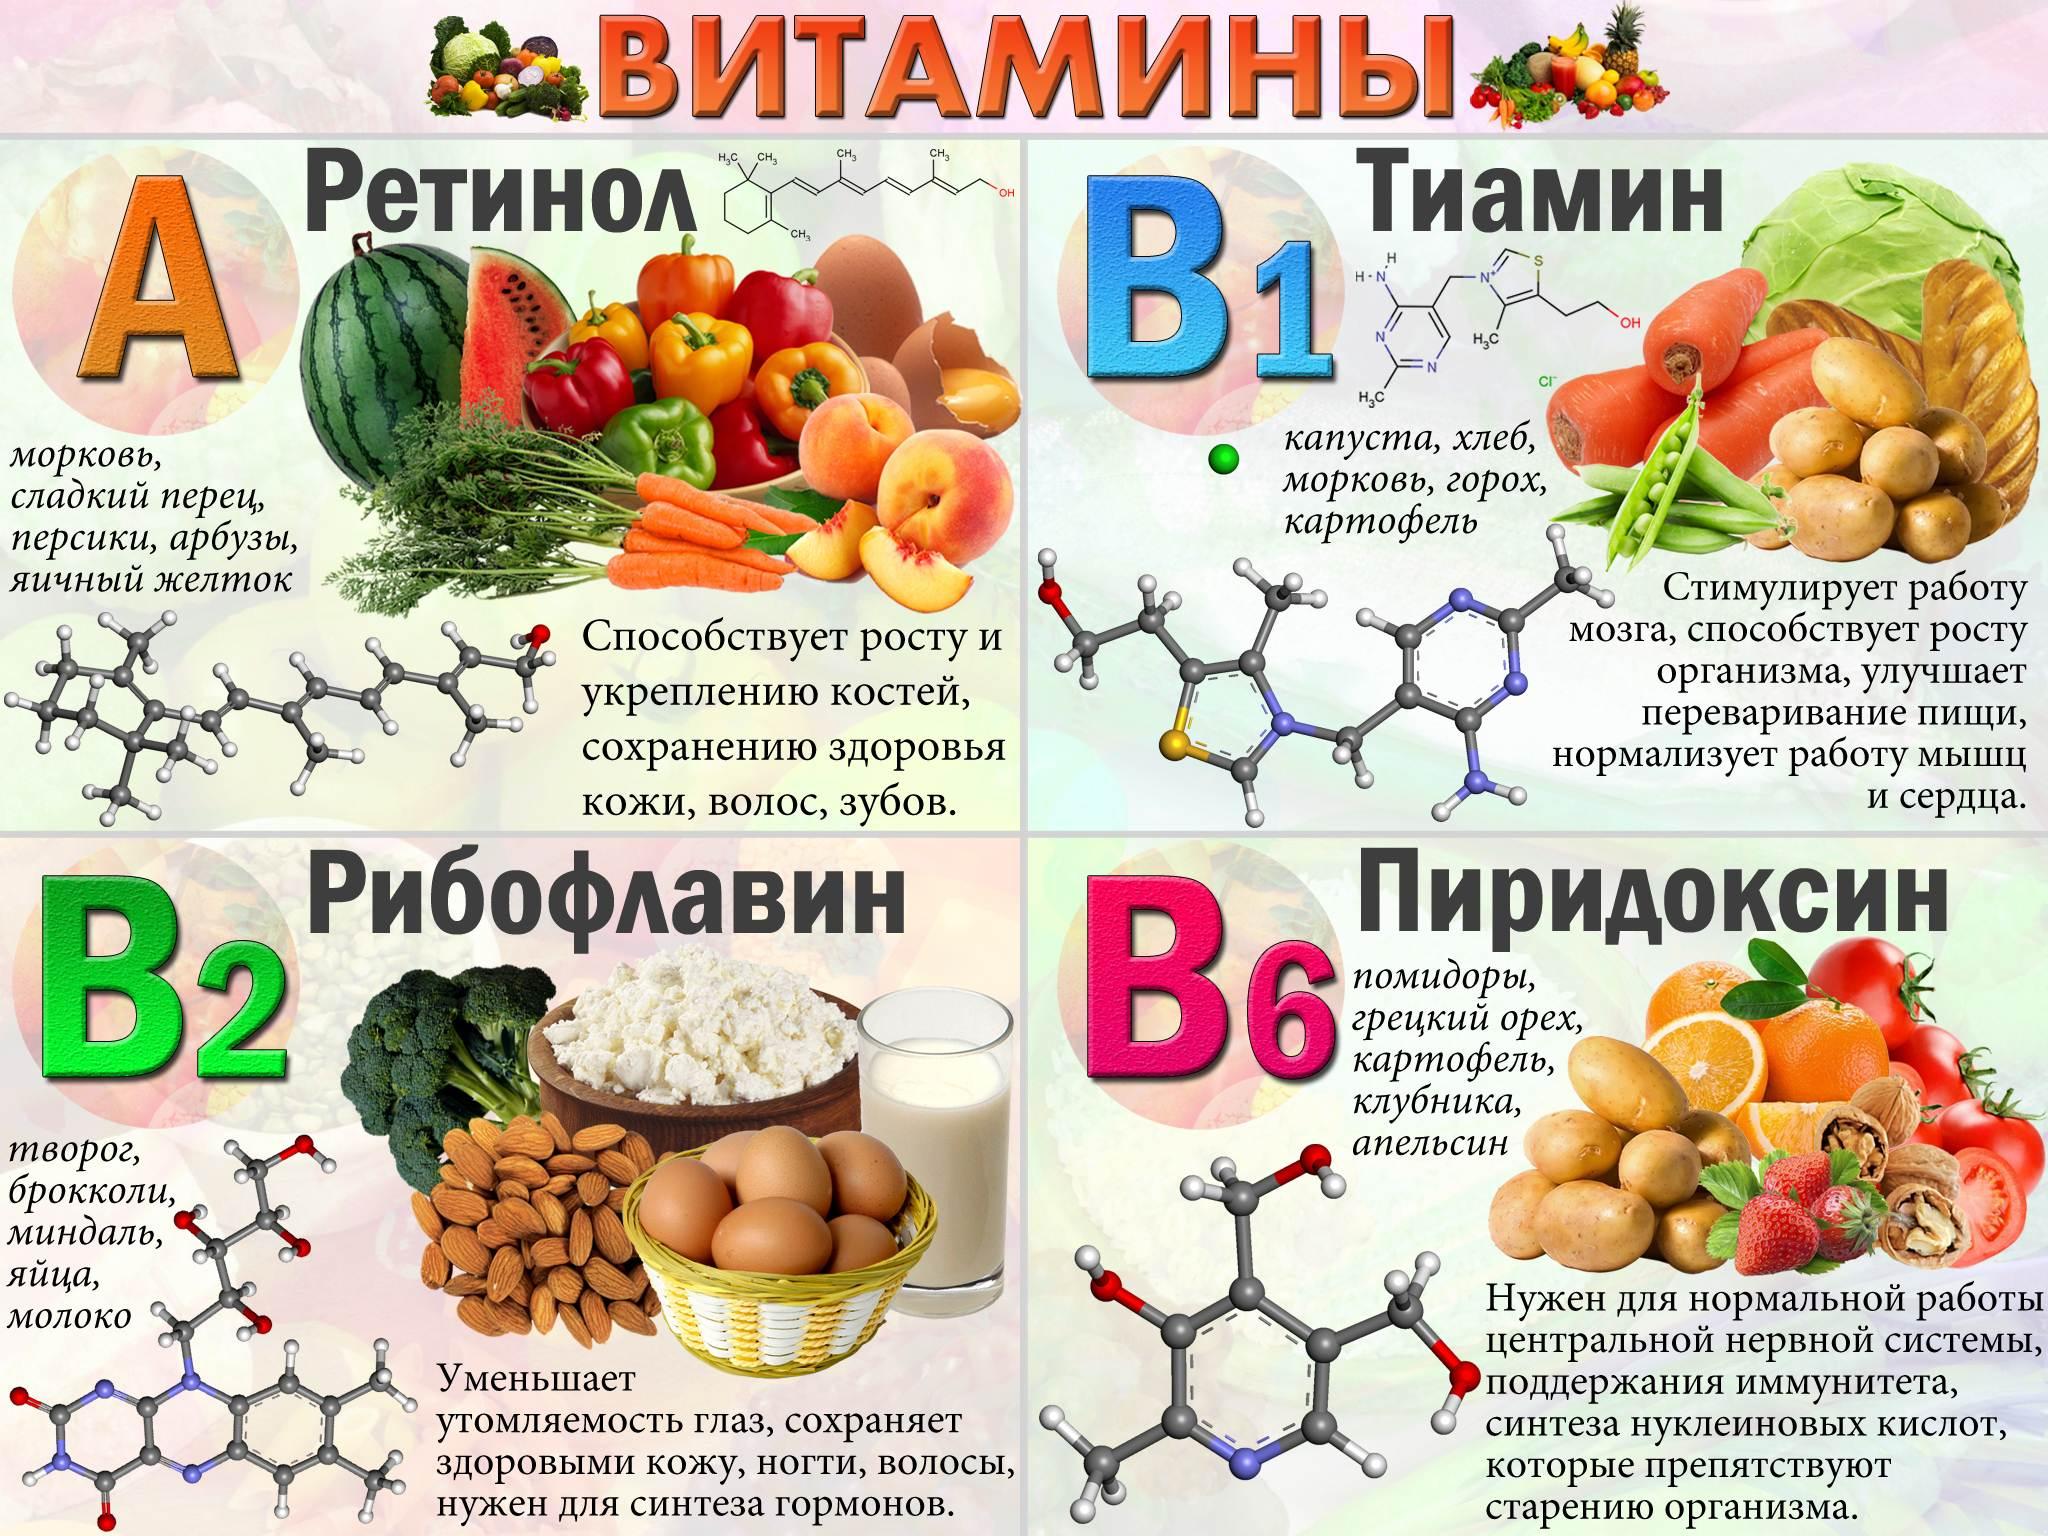 Витамины для иммунитета при псориазе